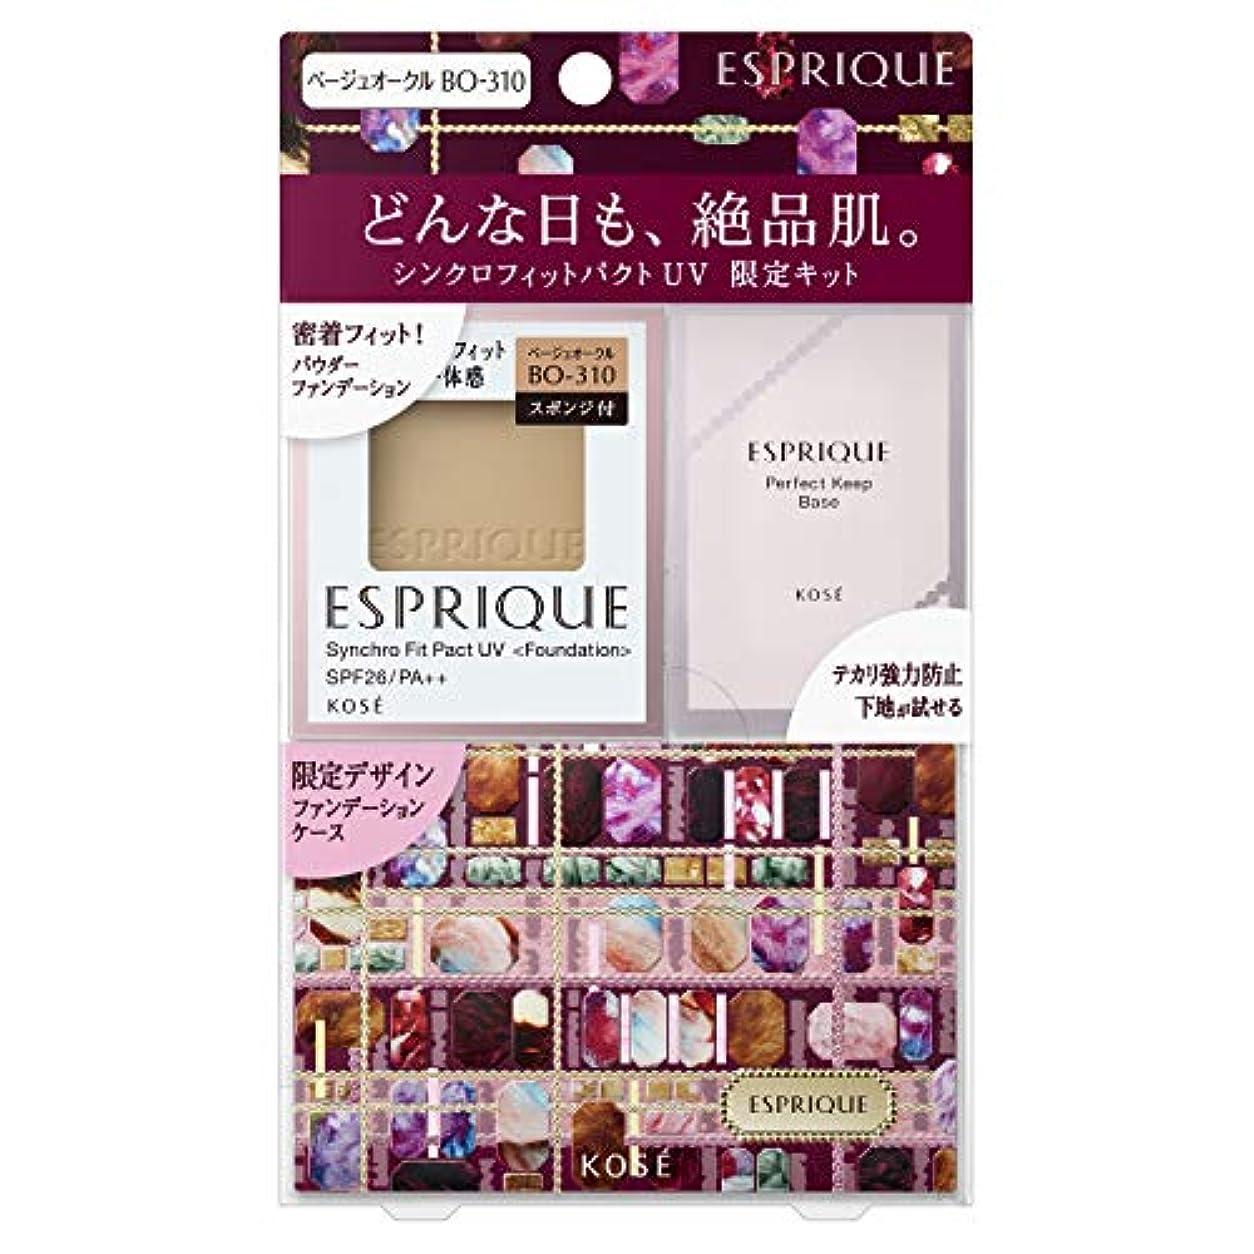 香水ひばり上がるエスプリーク シンクロフィット パクト UV 限定キット 2 BO-310 ベージュオークル